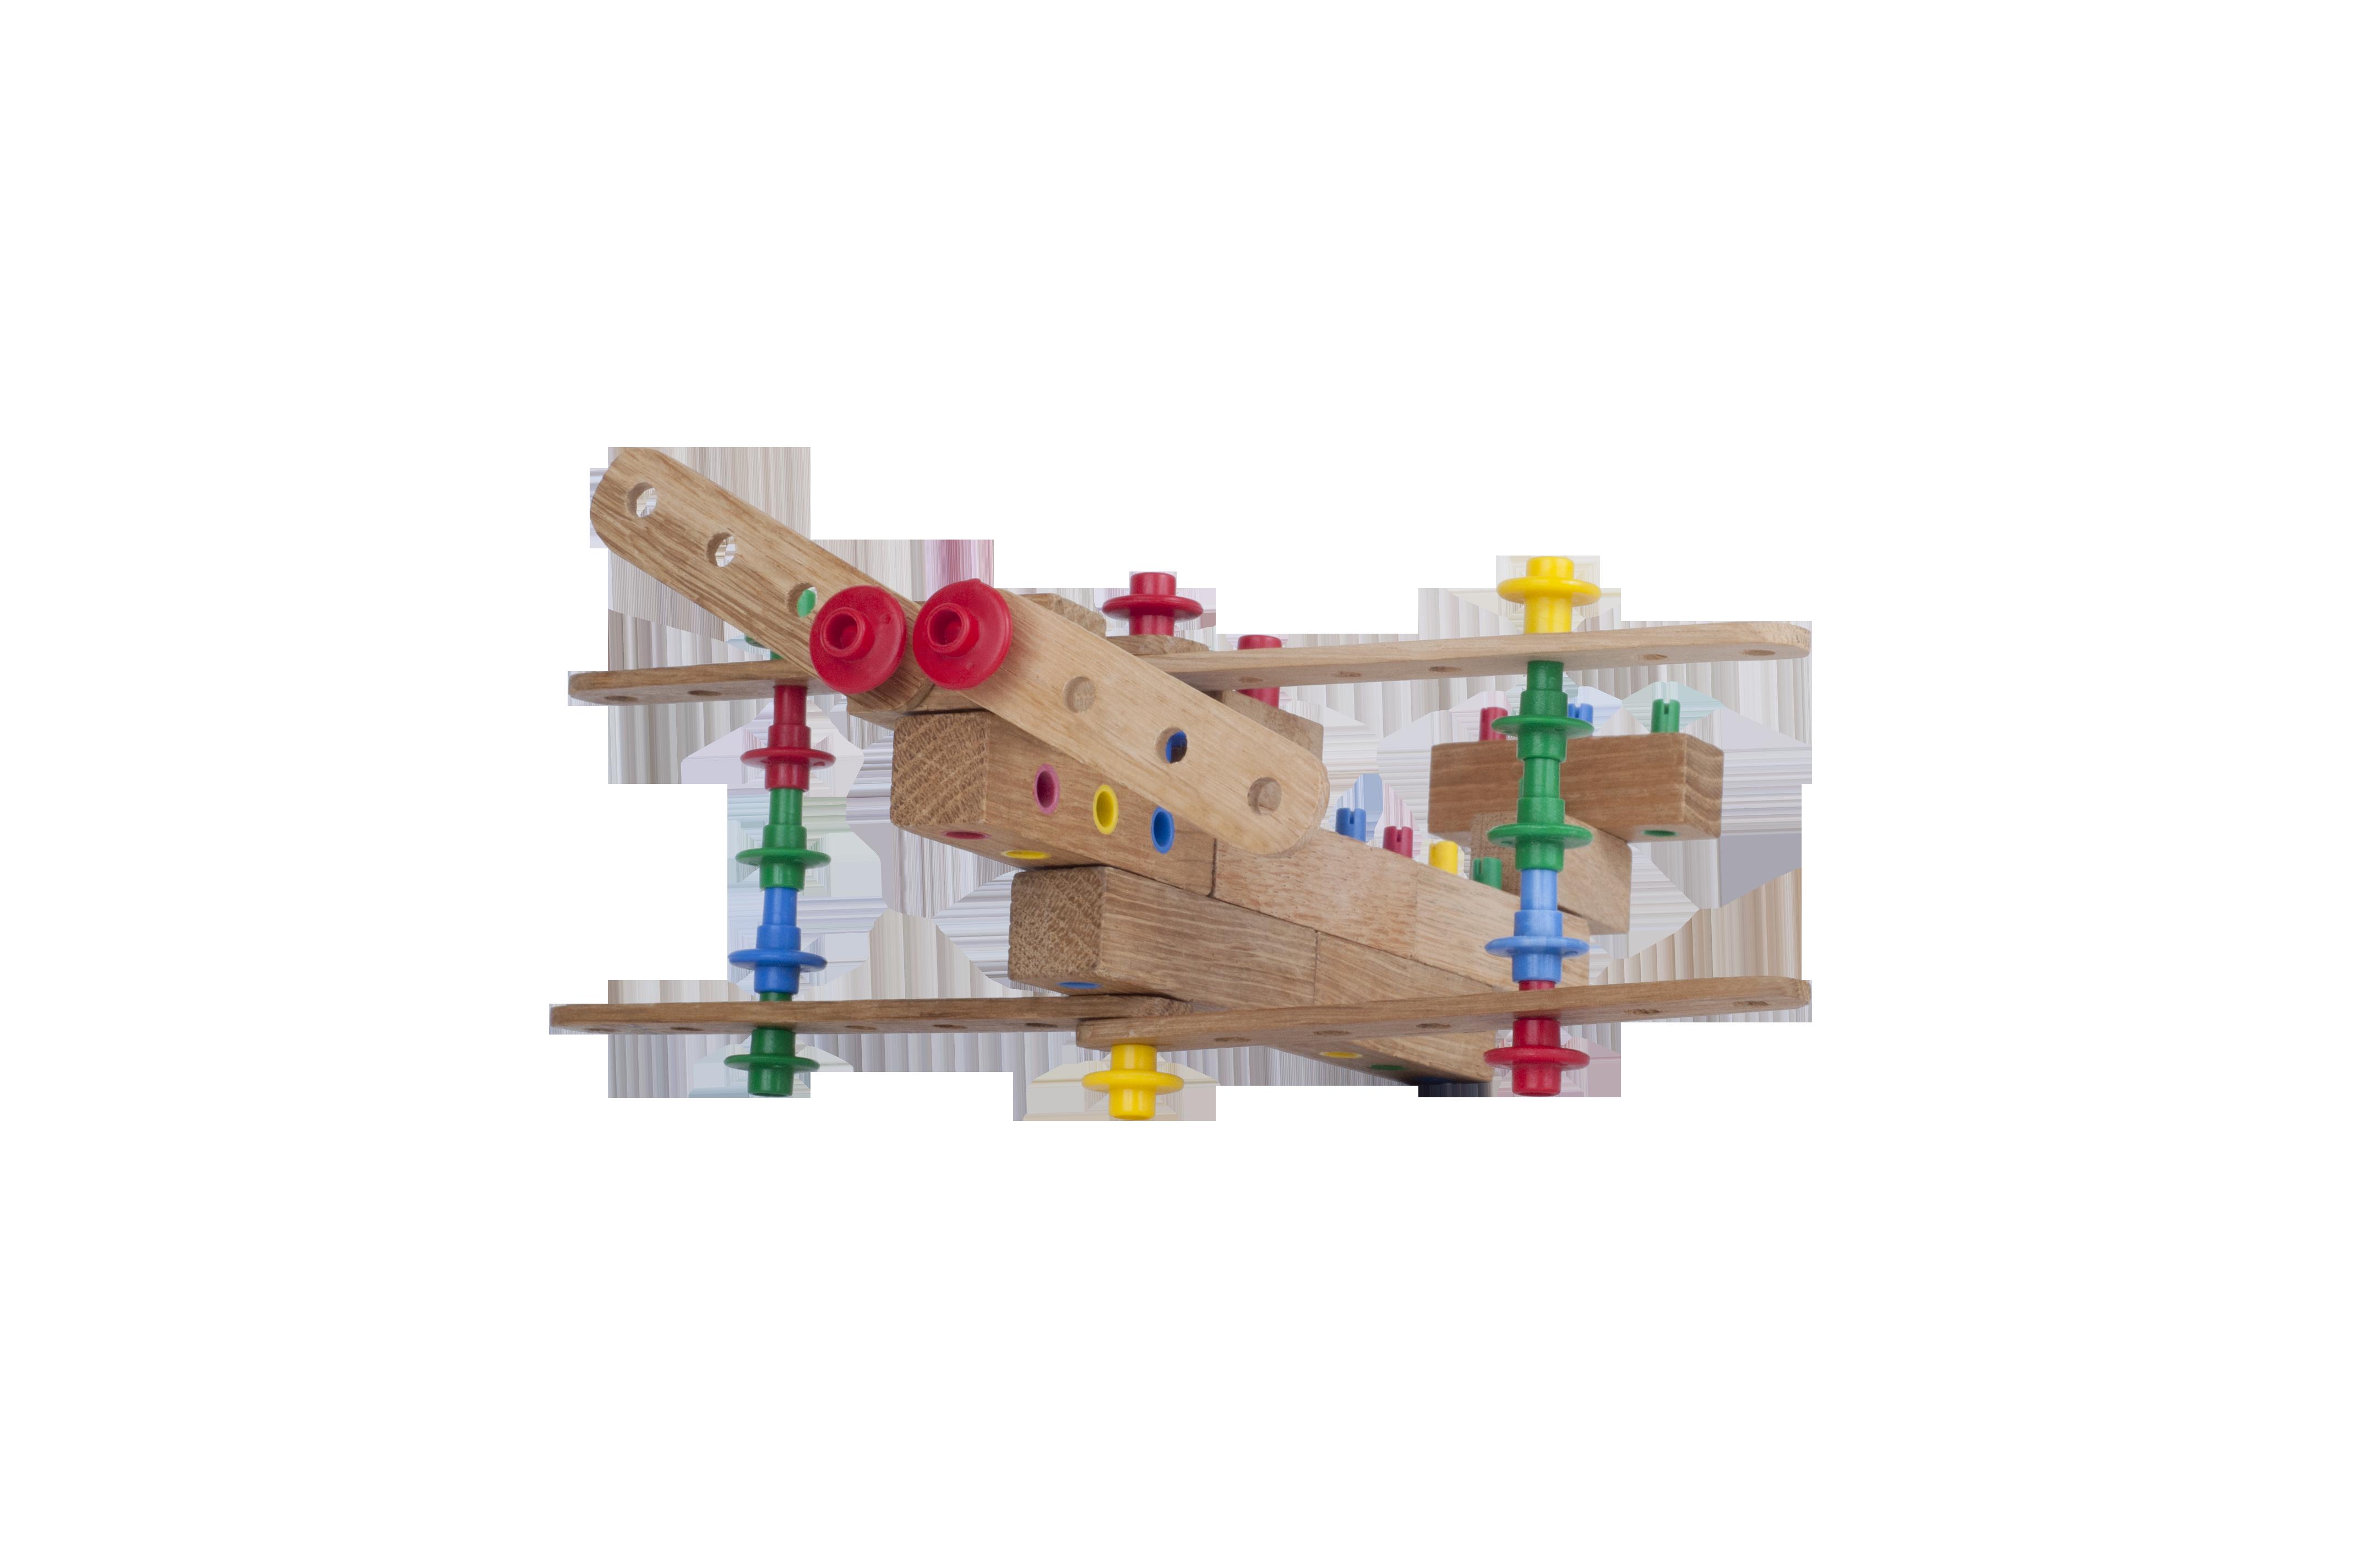 צילום מוצרים - מטוס פרופלור